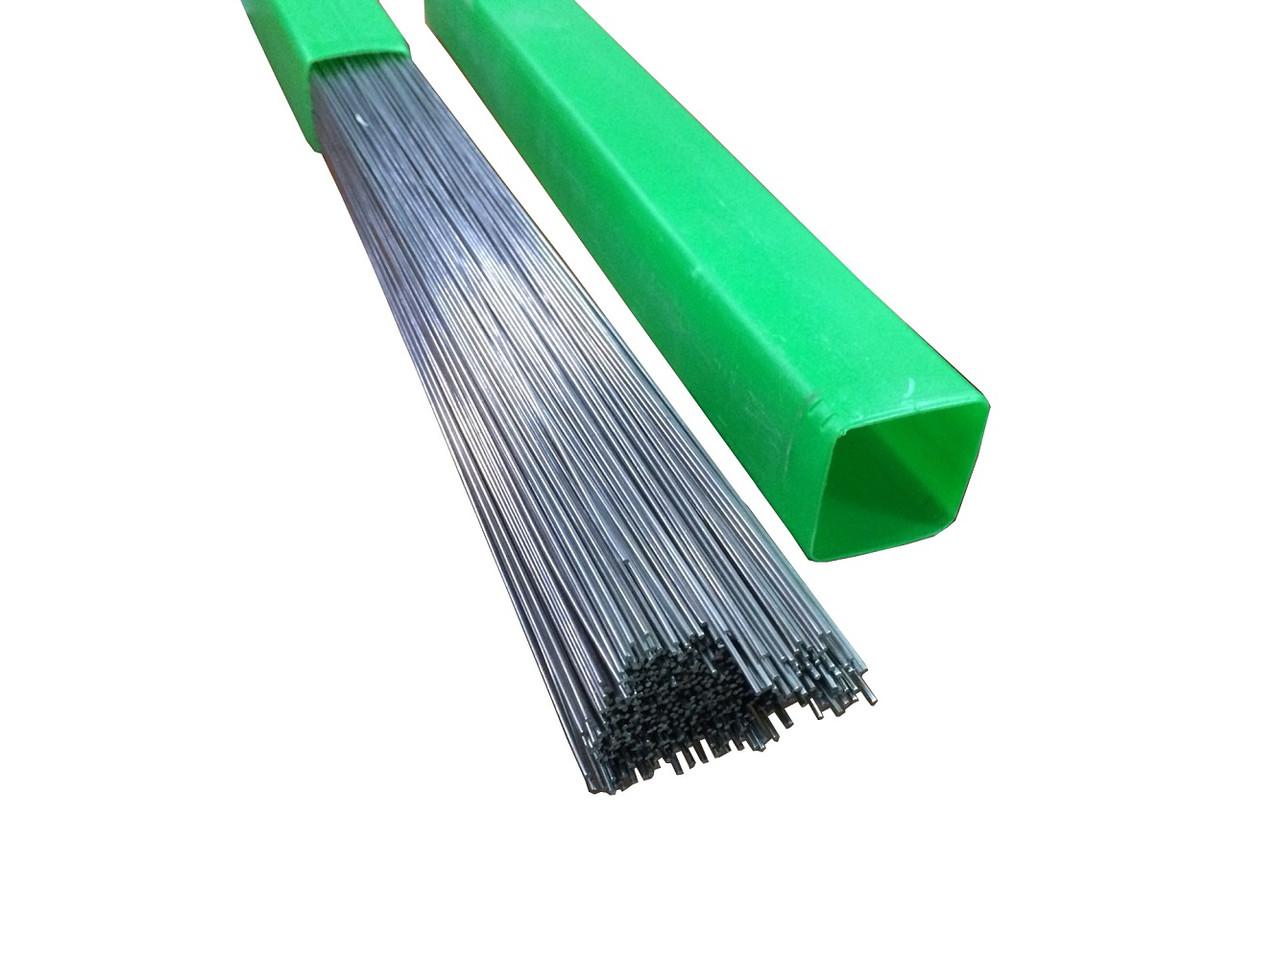 Проволока для сварки алюминия: сварочная проволока для полуавтомата без газа, присадочная проволока, другие виды для алюминиевых сталей